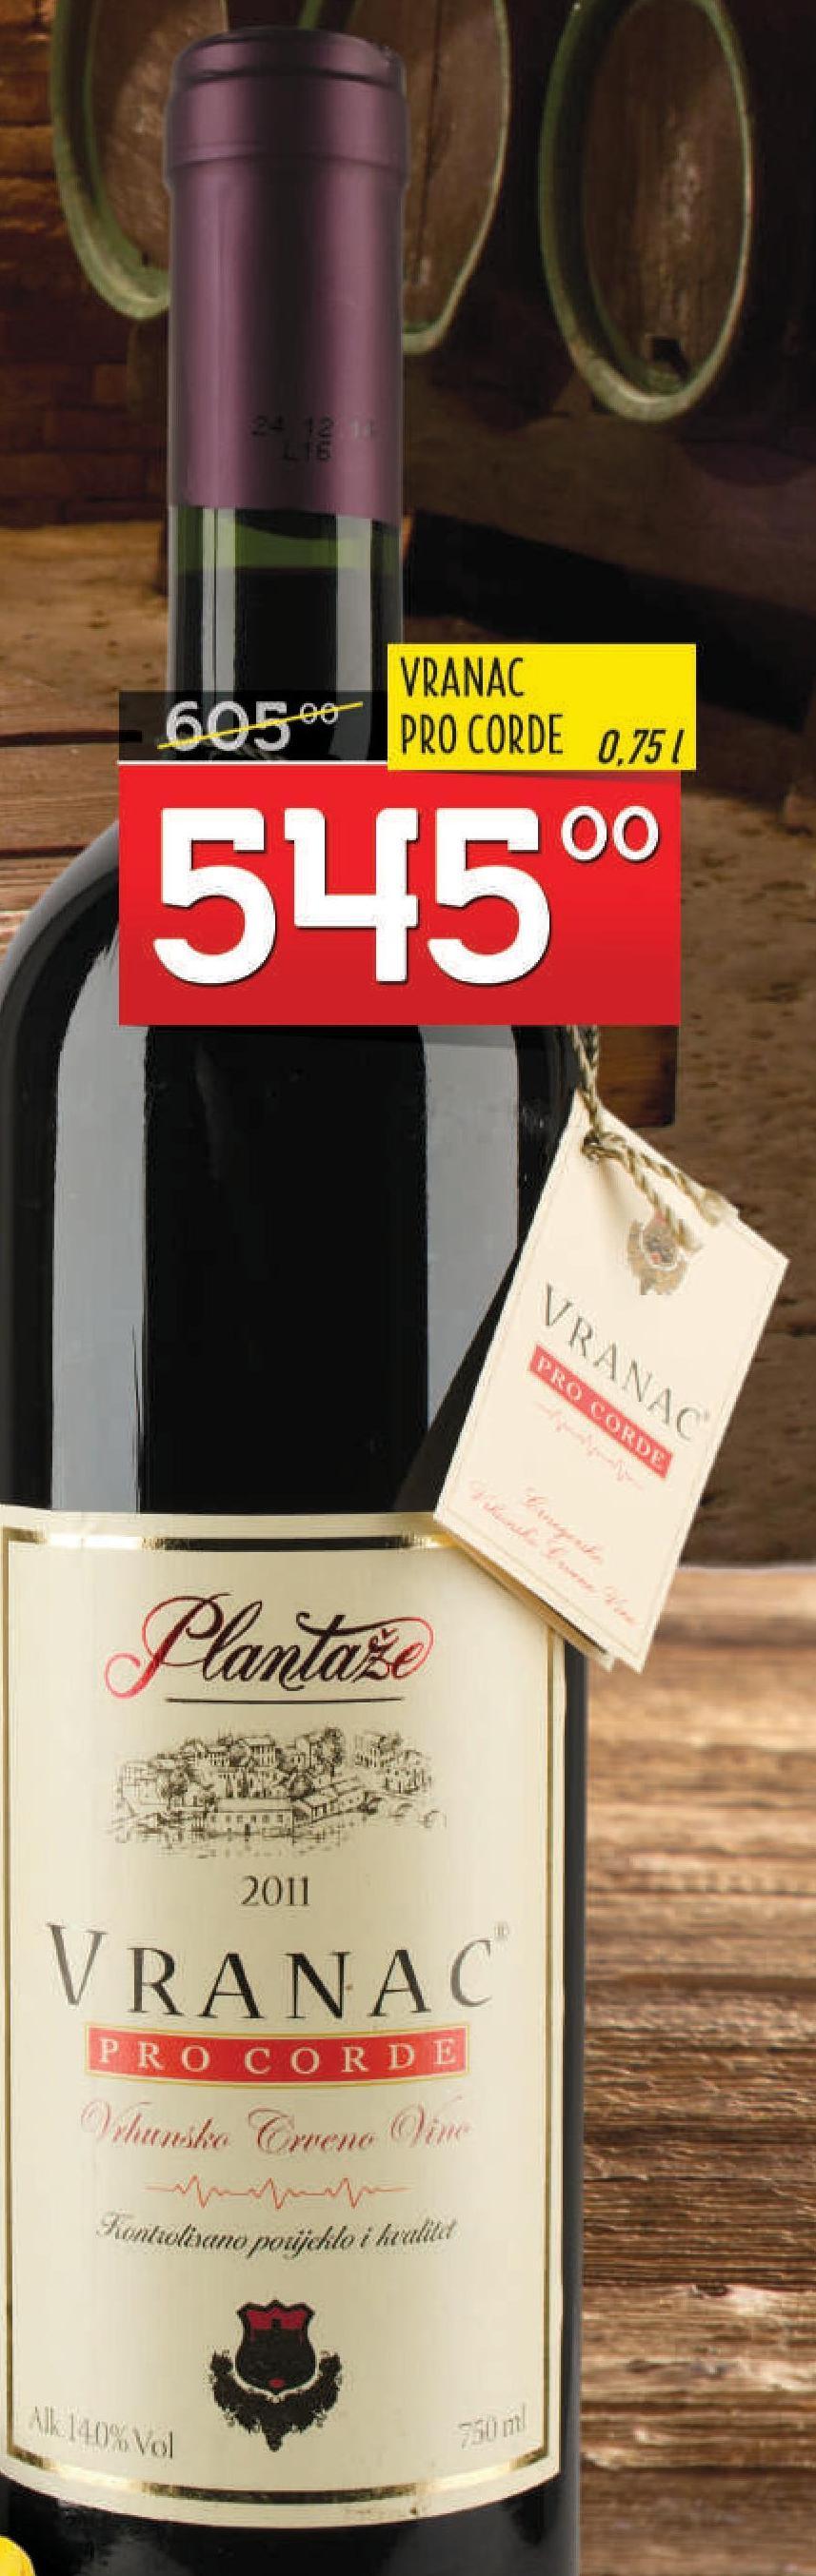 Crveno vino Pro Corde